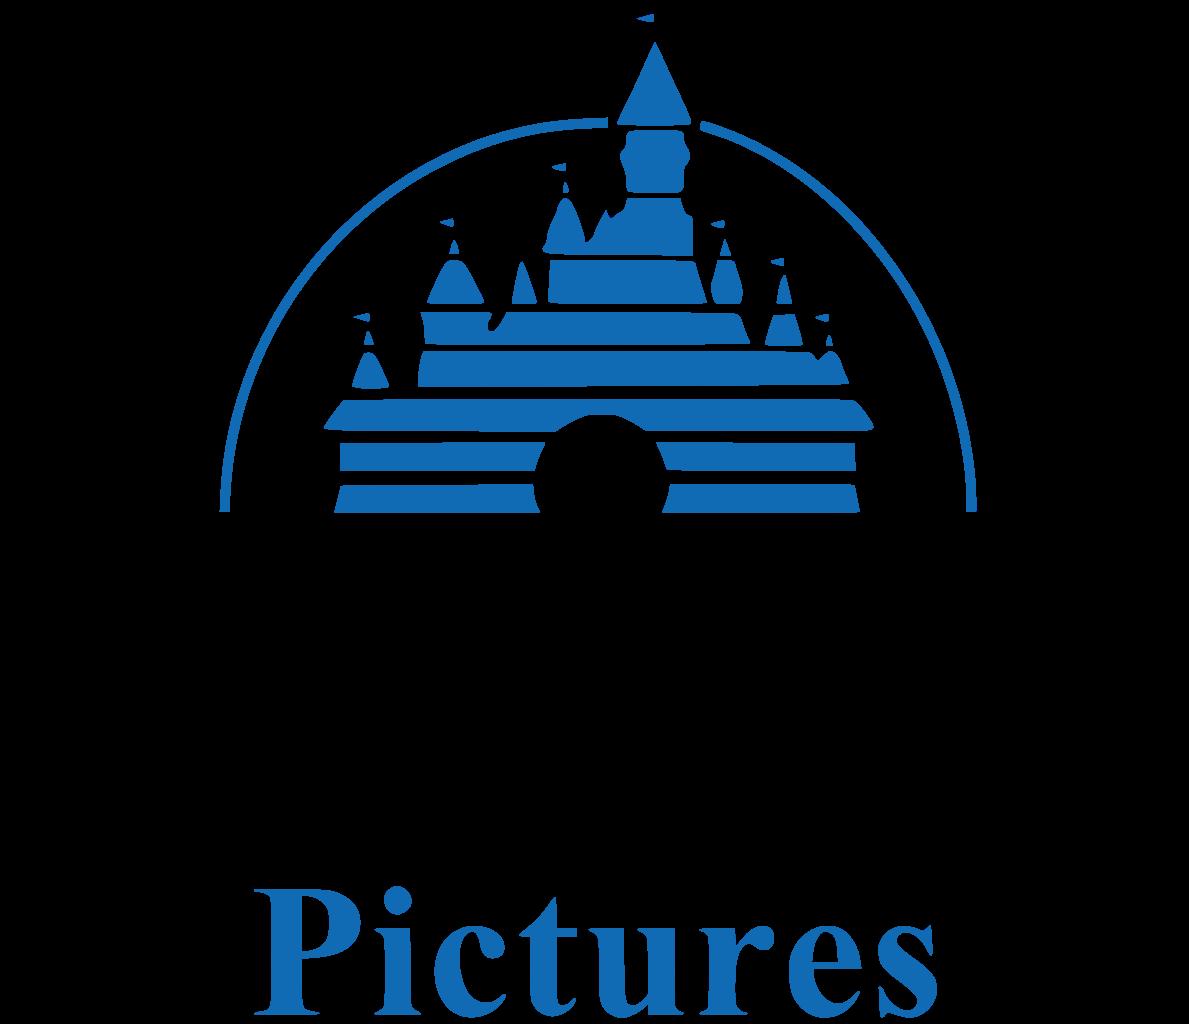 Download Disney Logo Png () png images.